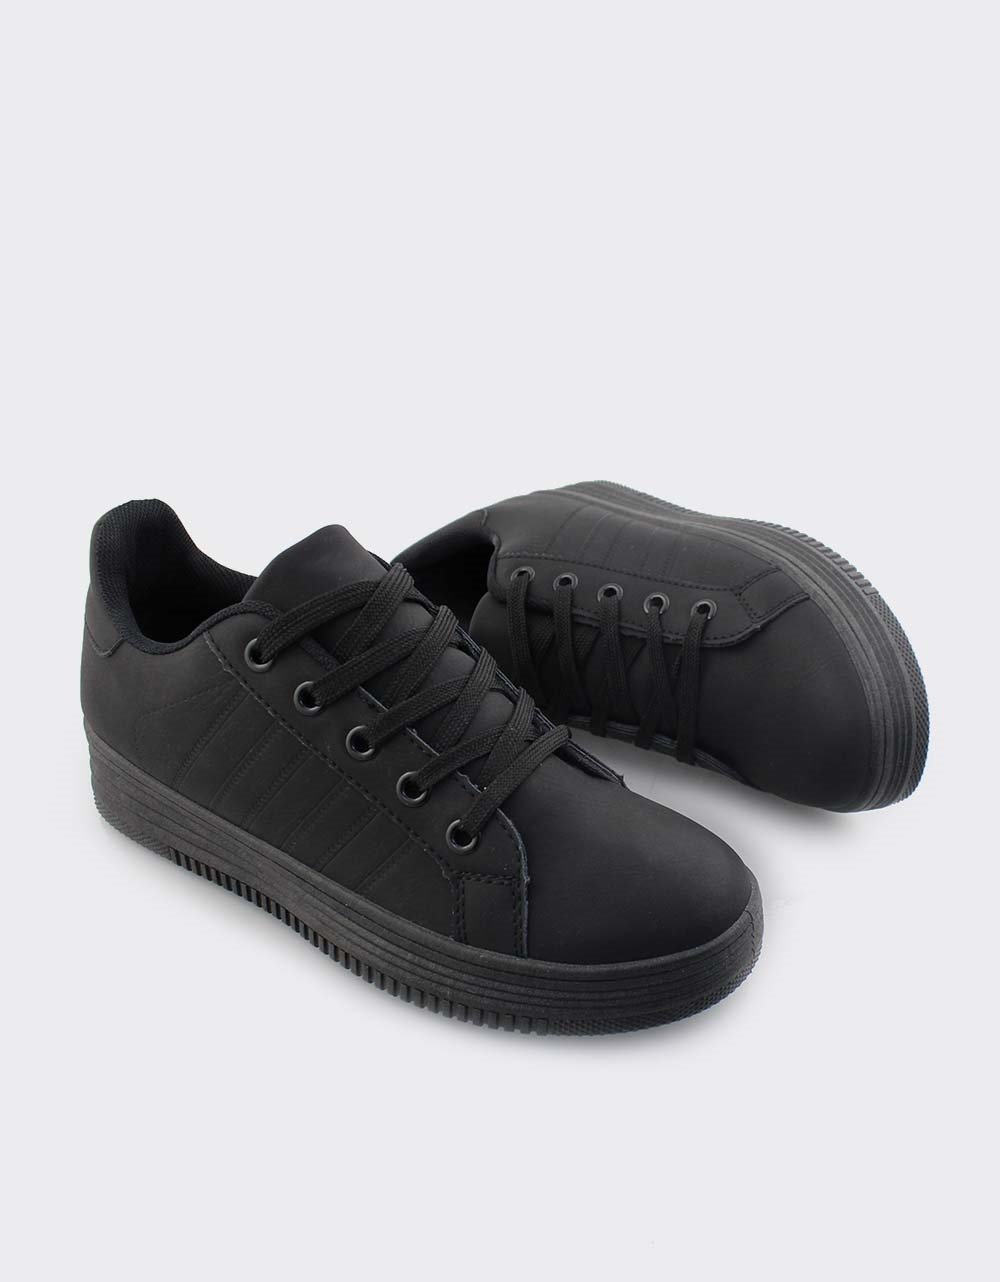 Εικόνα από Γυναικεία sneakers μονόχρωμα Μαύρο